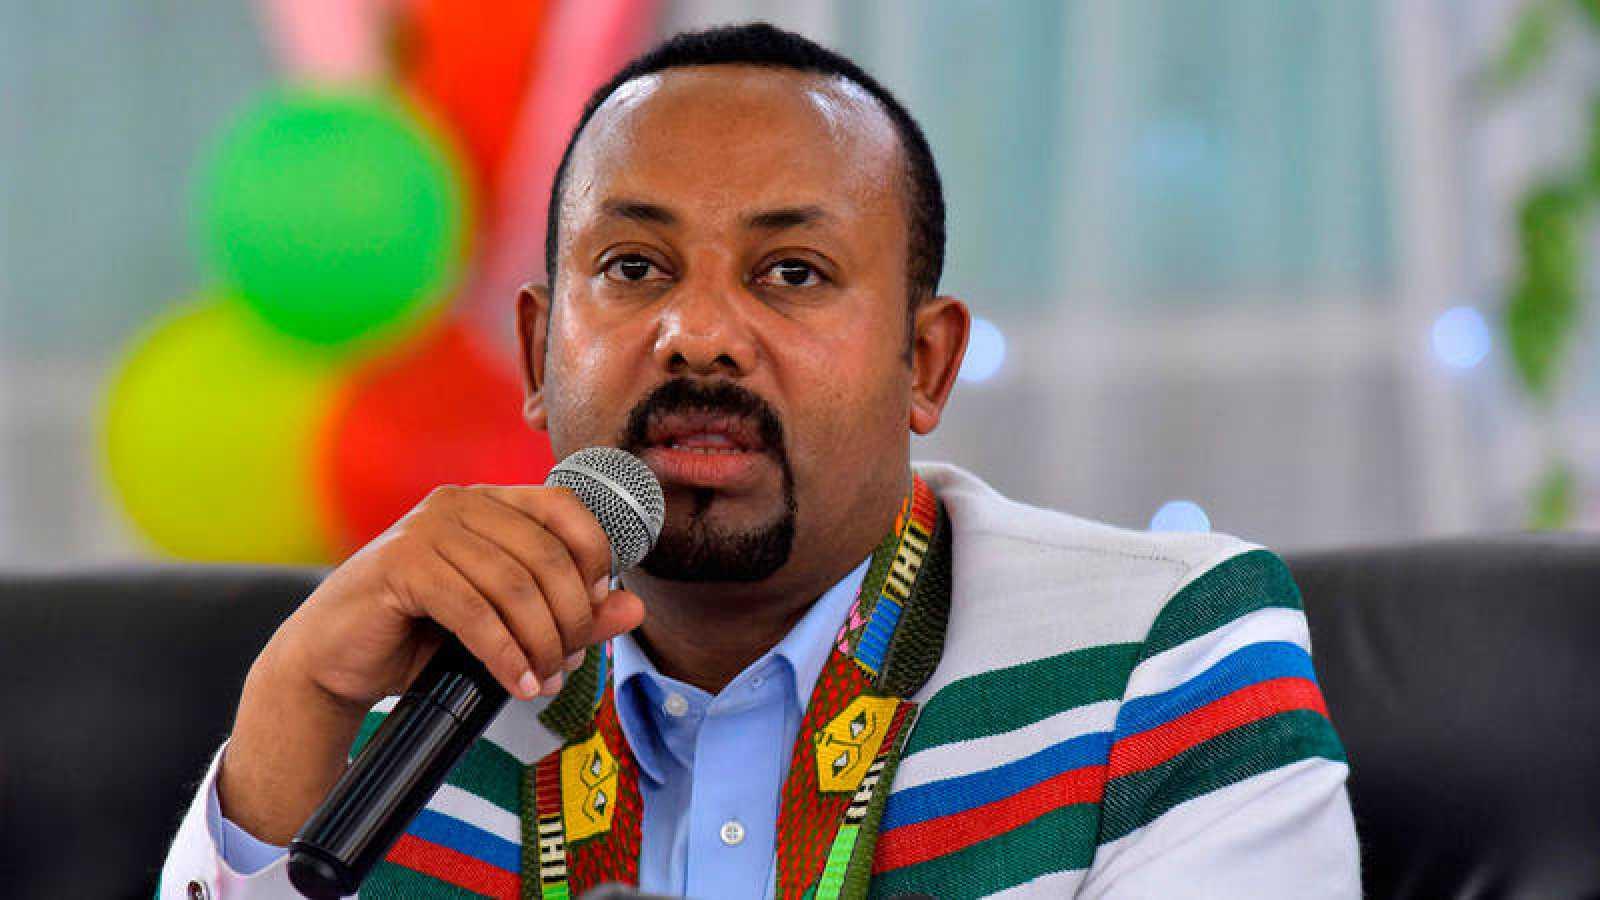 El primer ministro de Etiopía, Abiy Ahmed, nuevo Nobel de la Paz